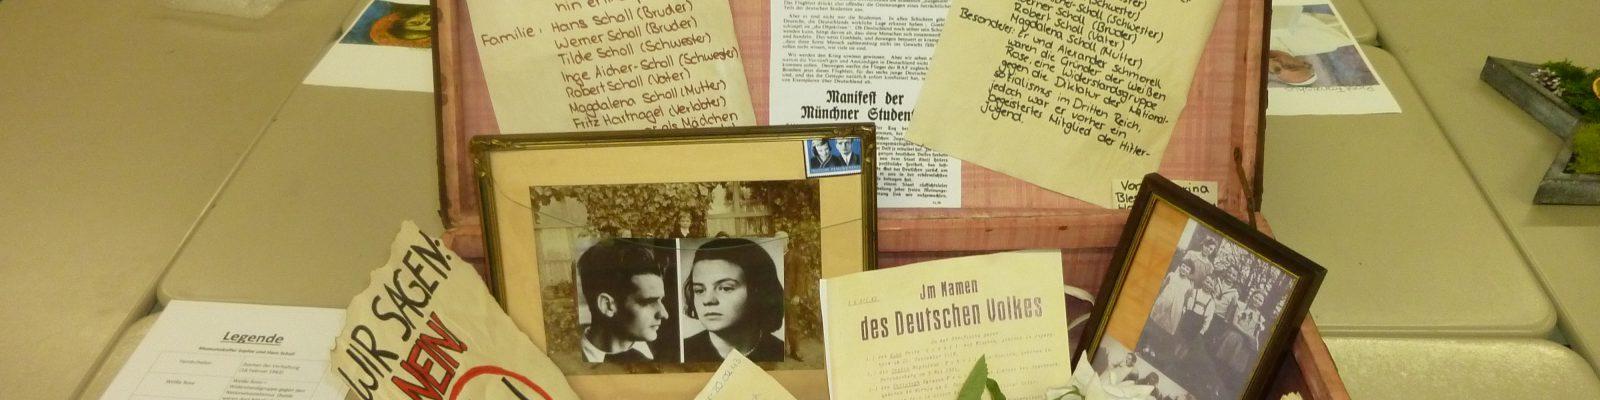 Museumskoffer im Religionsunterricht – Besuch von Frau Kaiser-Haas